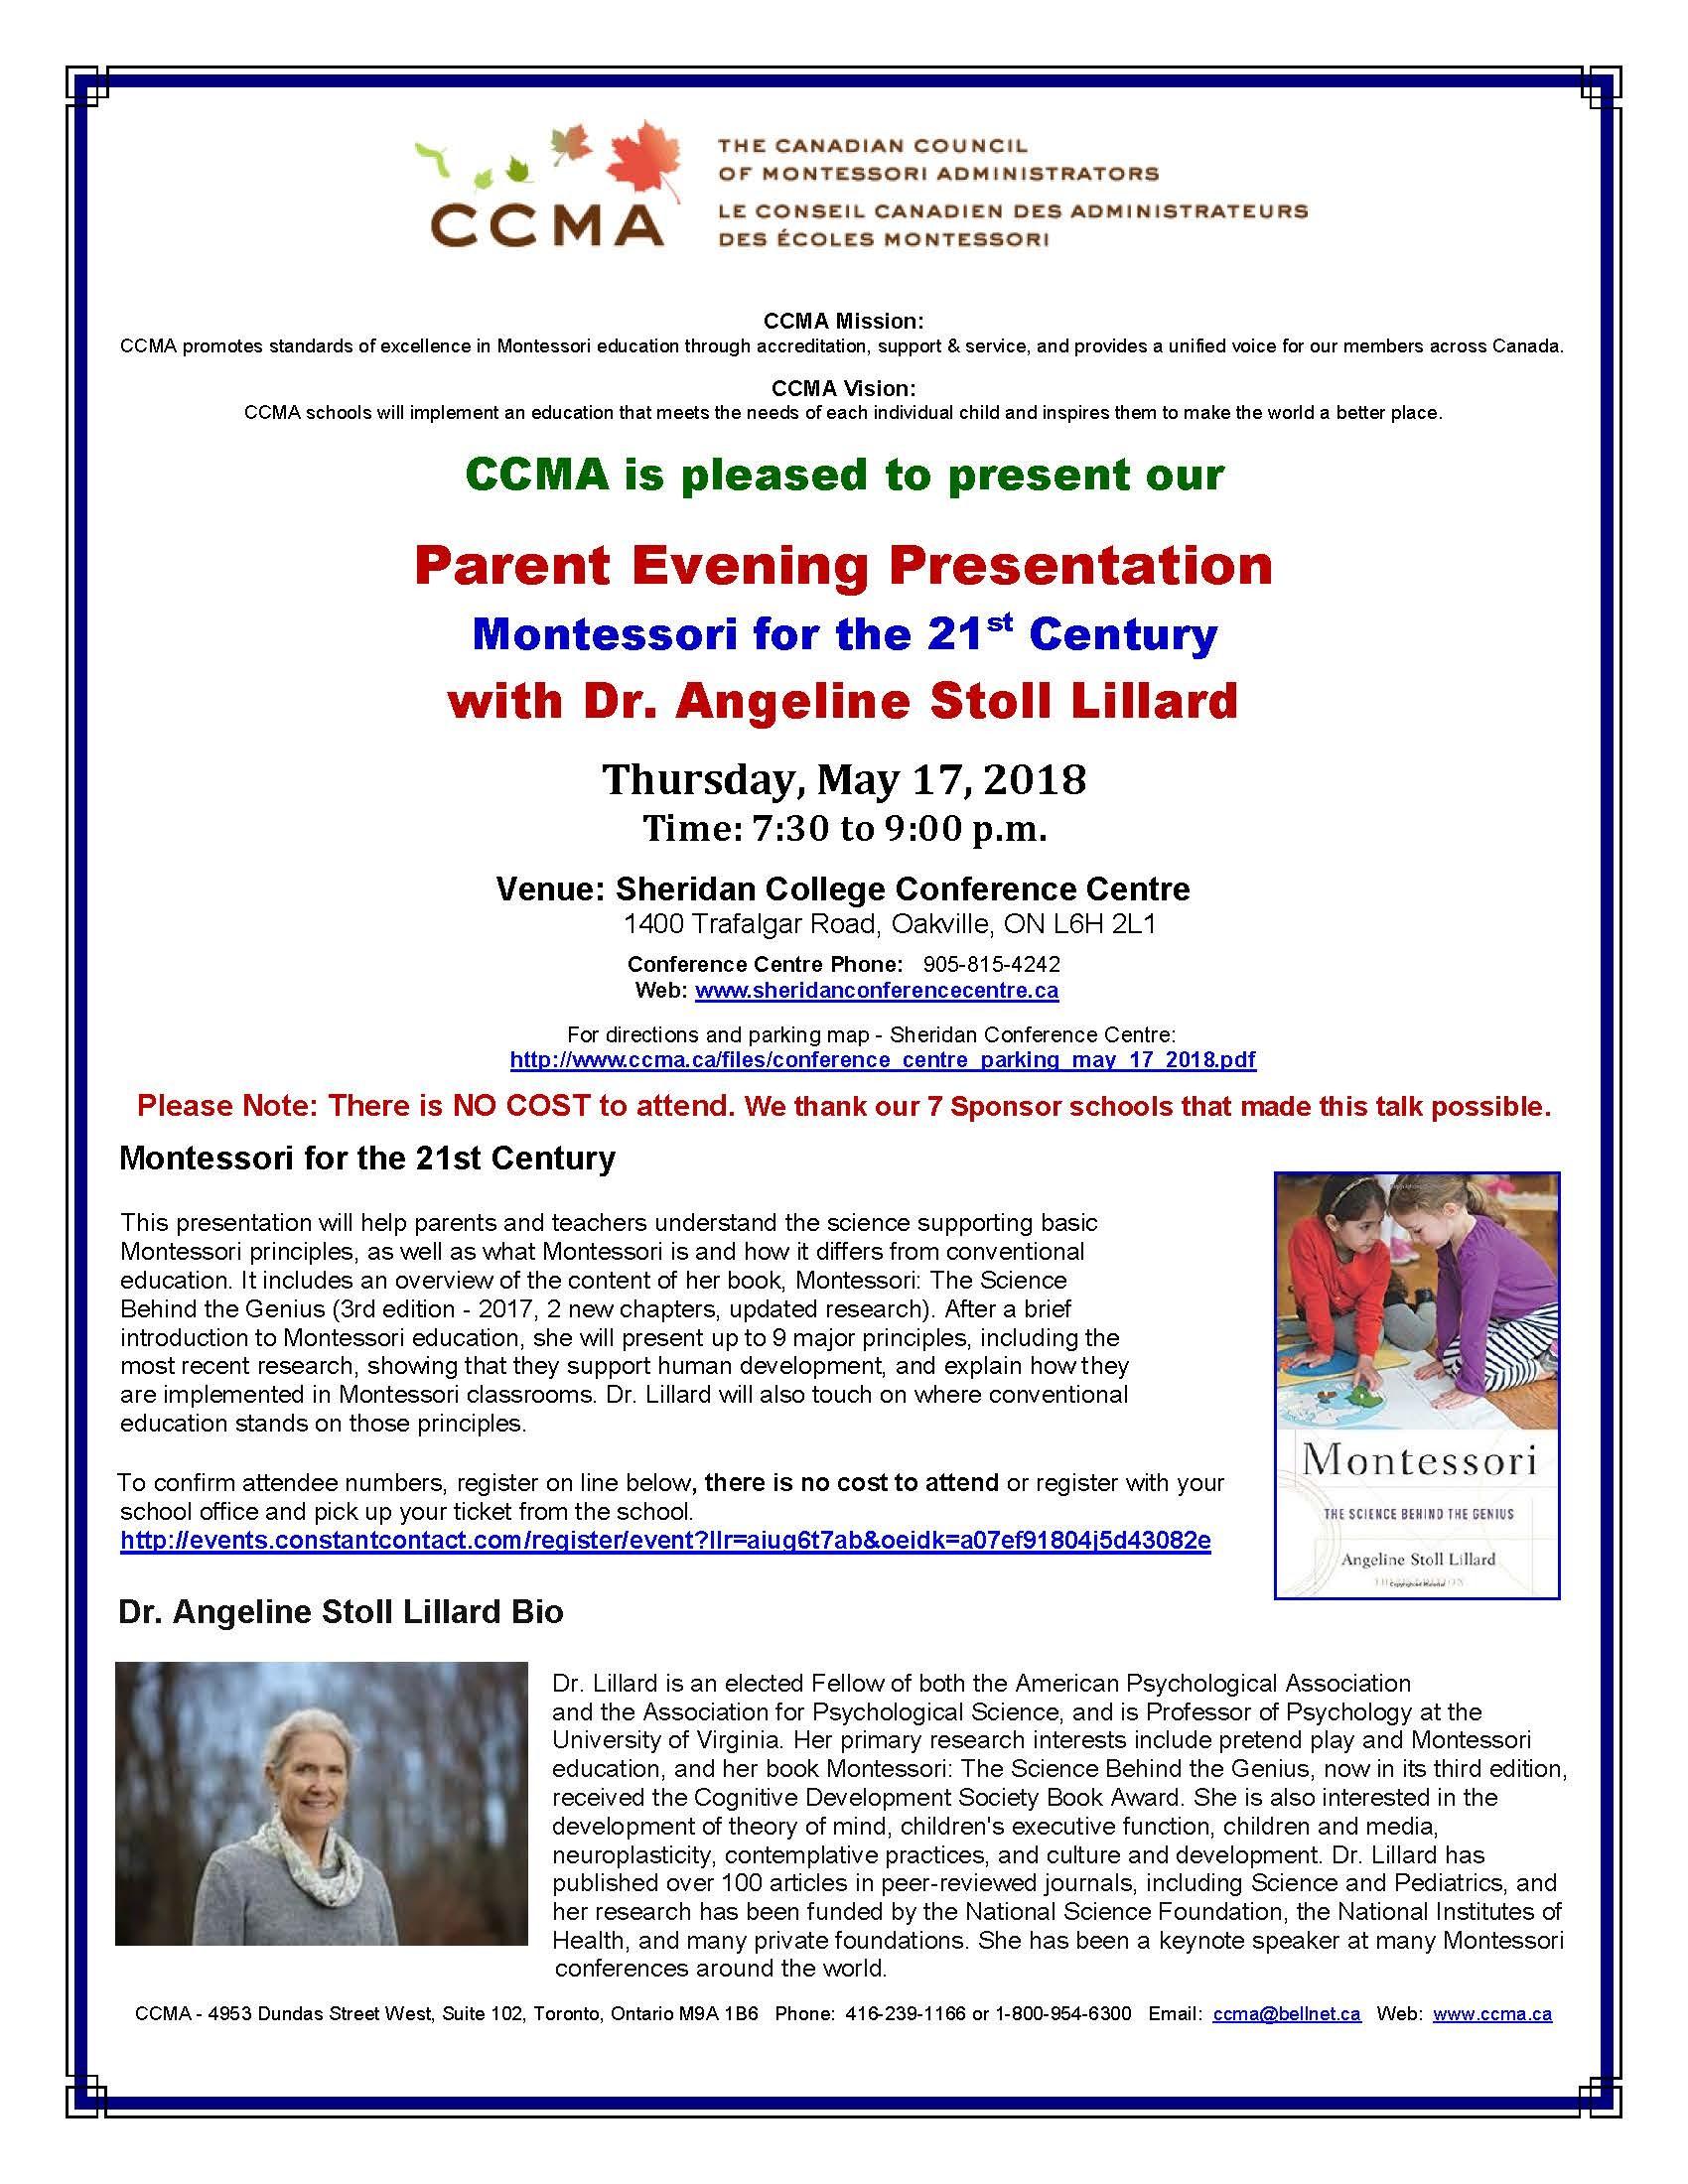 Parent Evening Presentation Flyer - Angeline Stoll Lillard